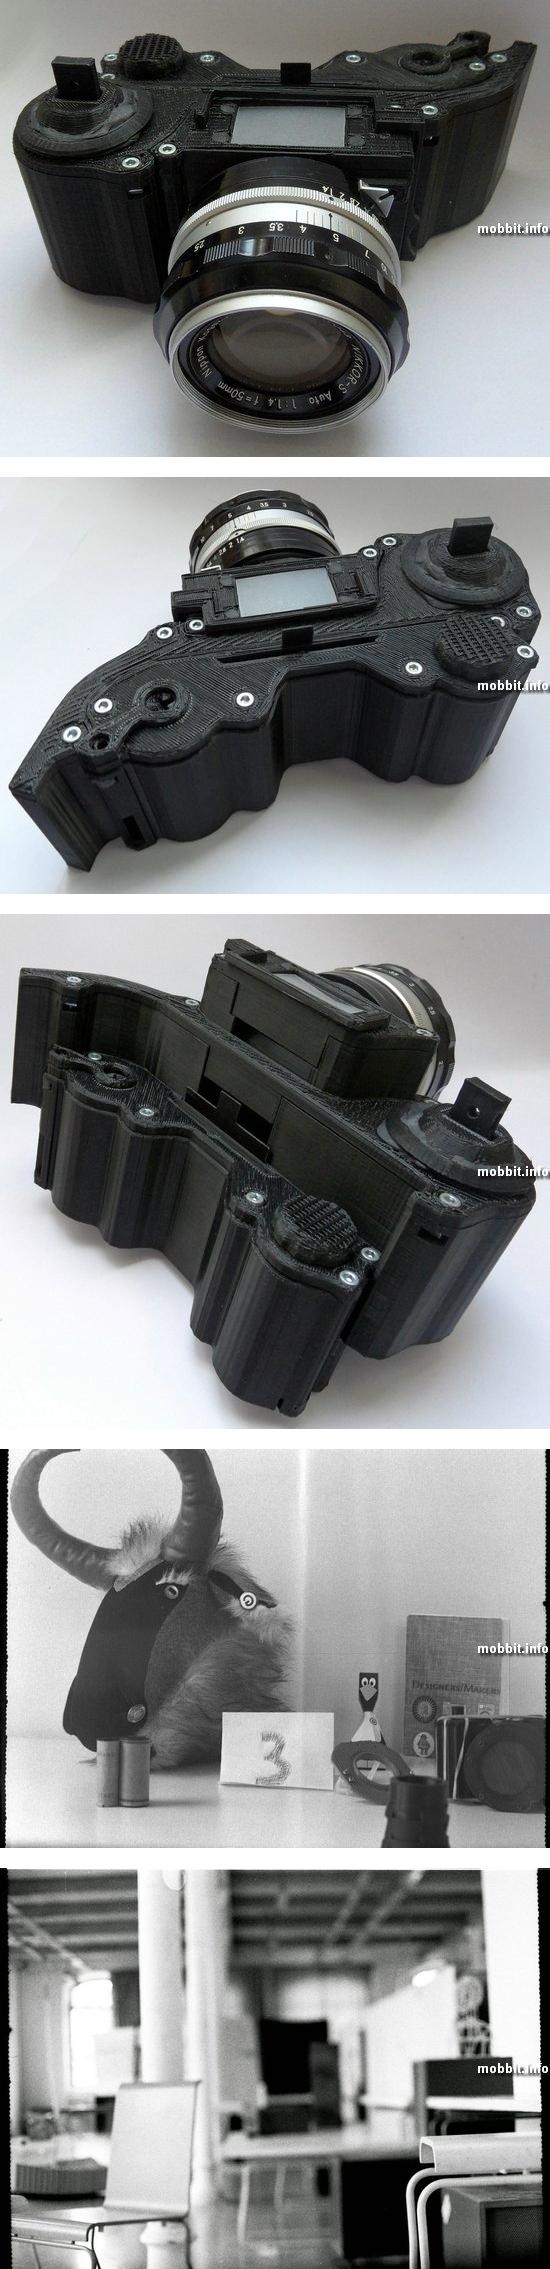 OpenReflex Camera